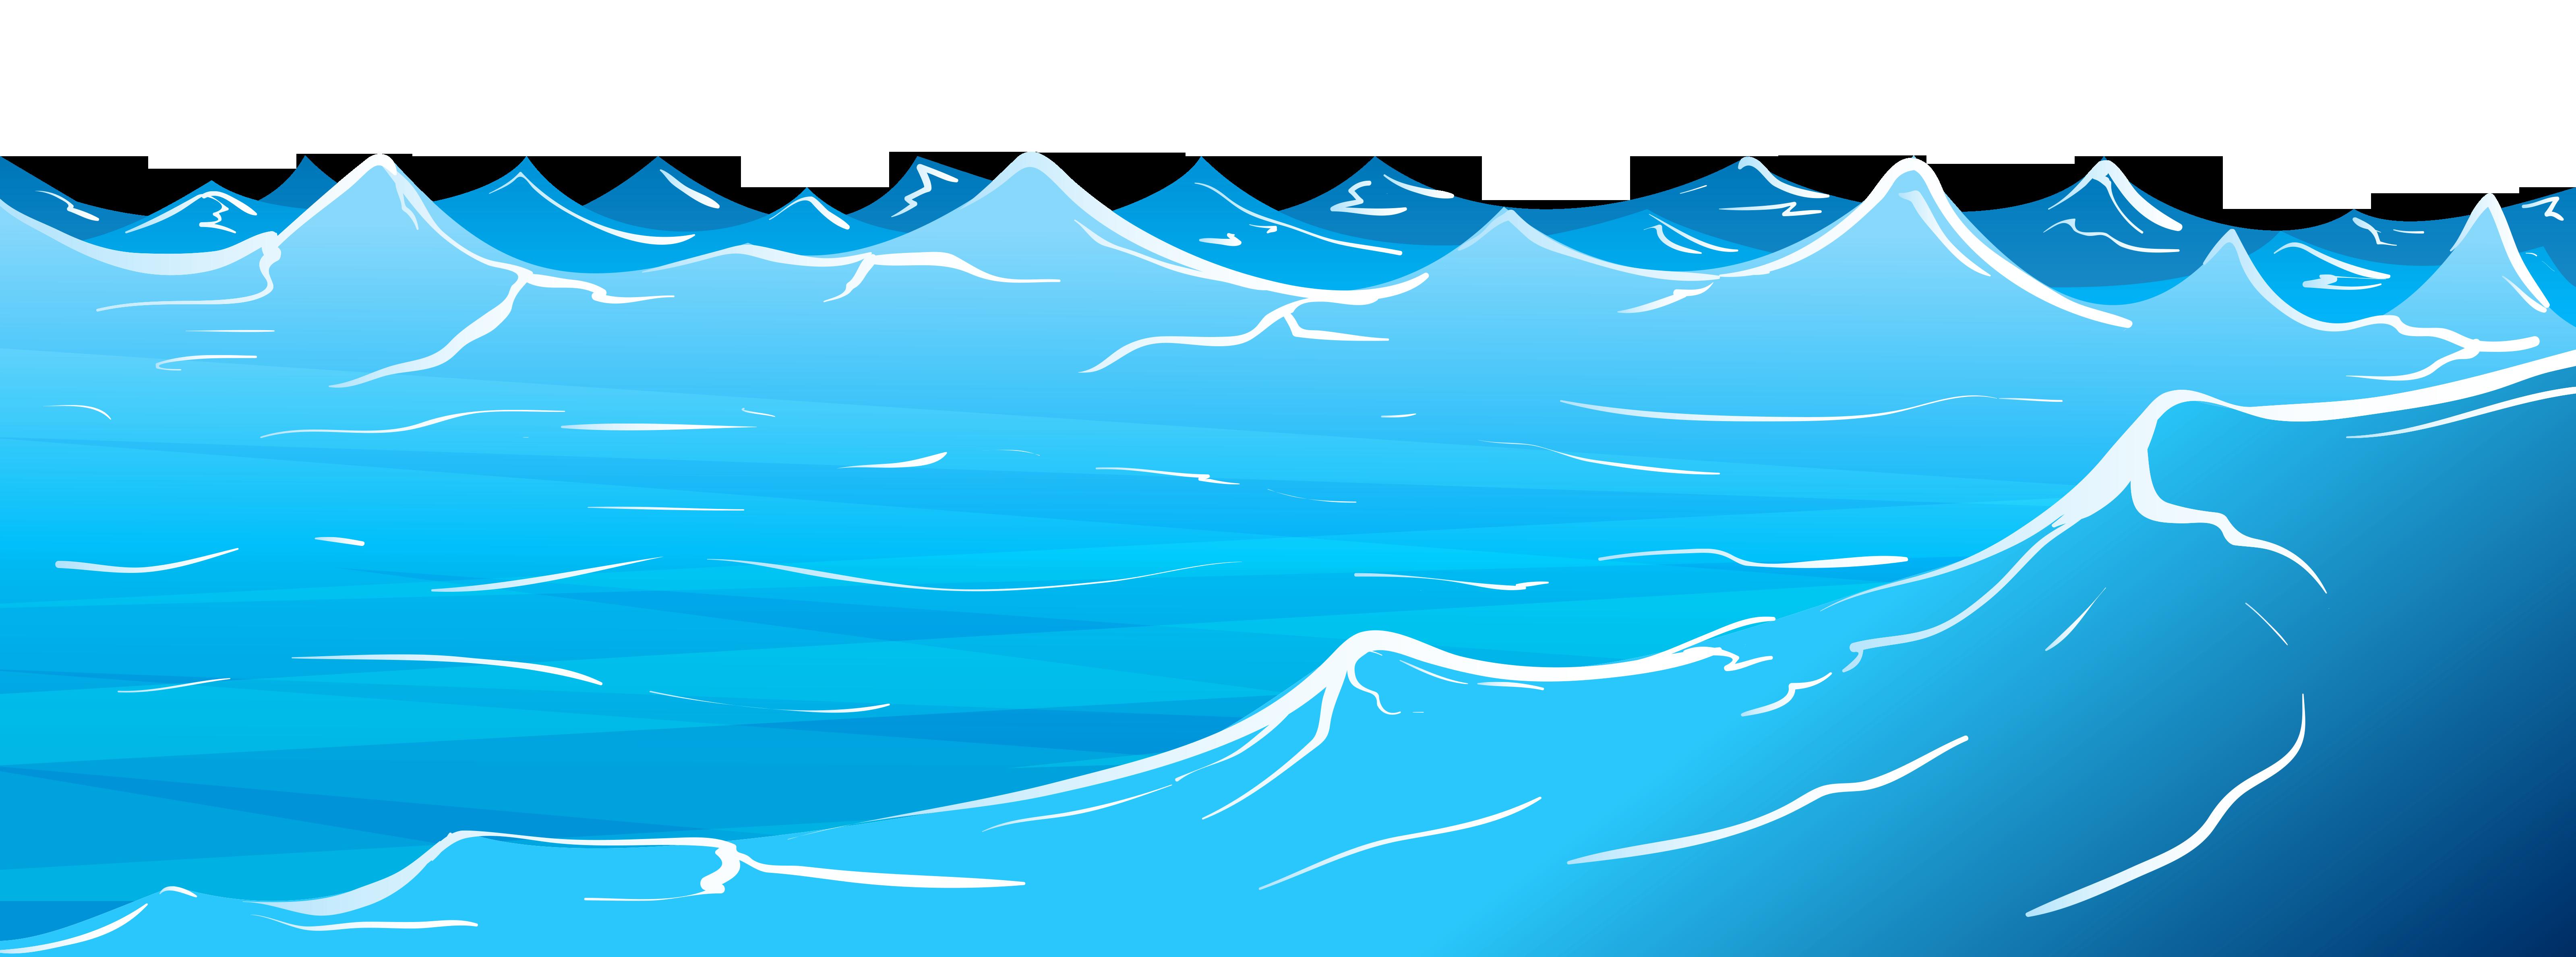 What Is In Ocean Water